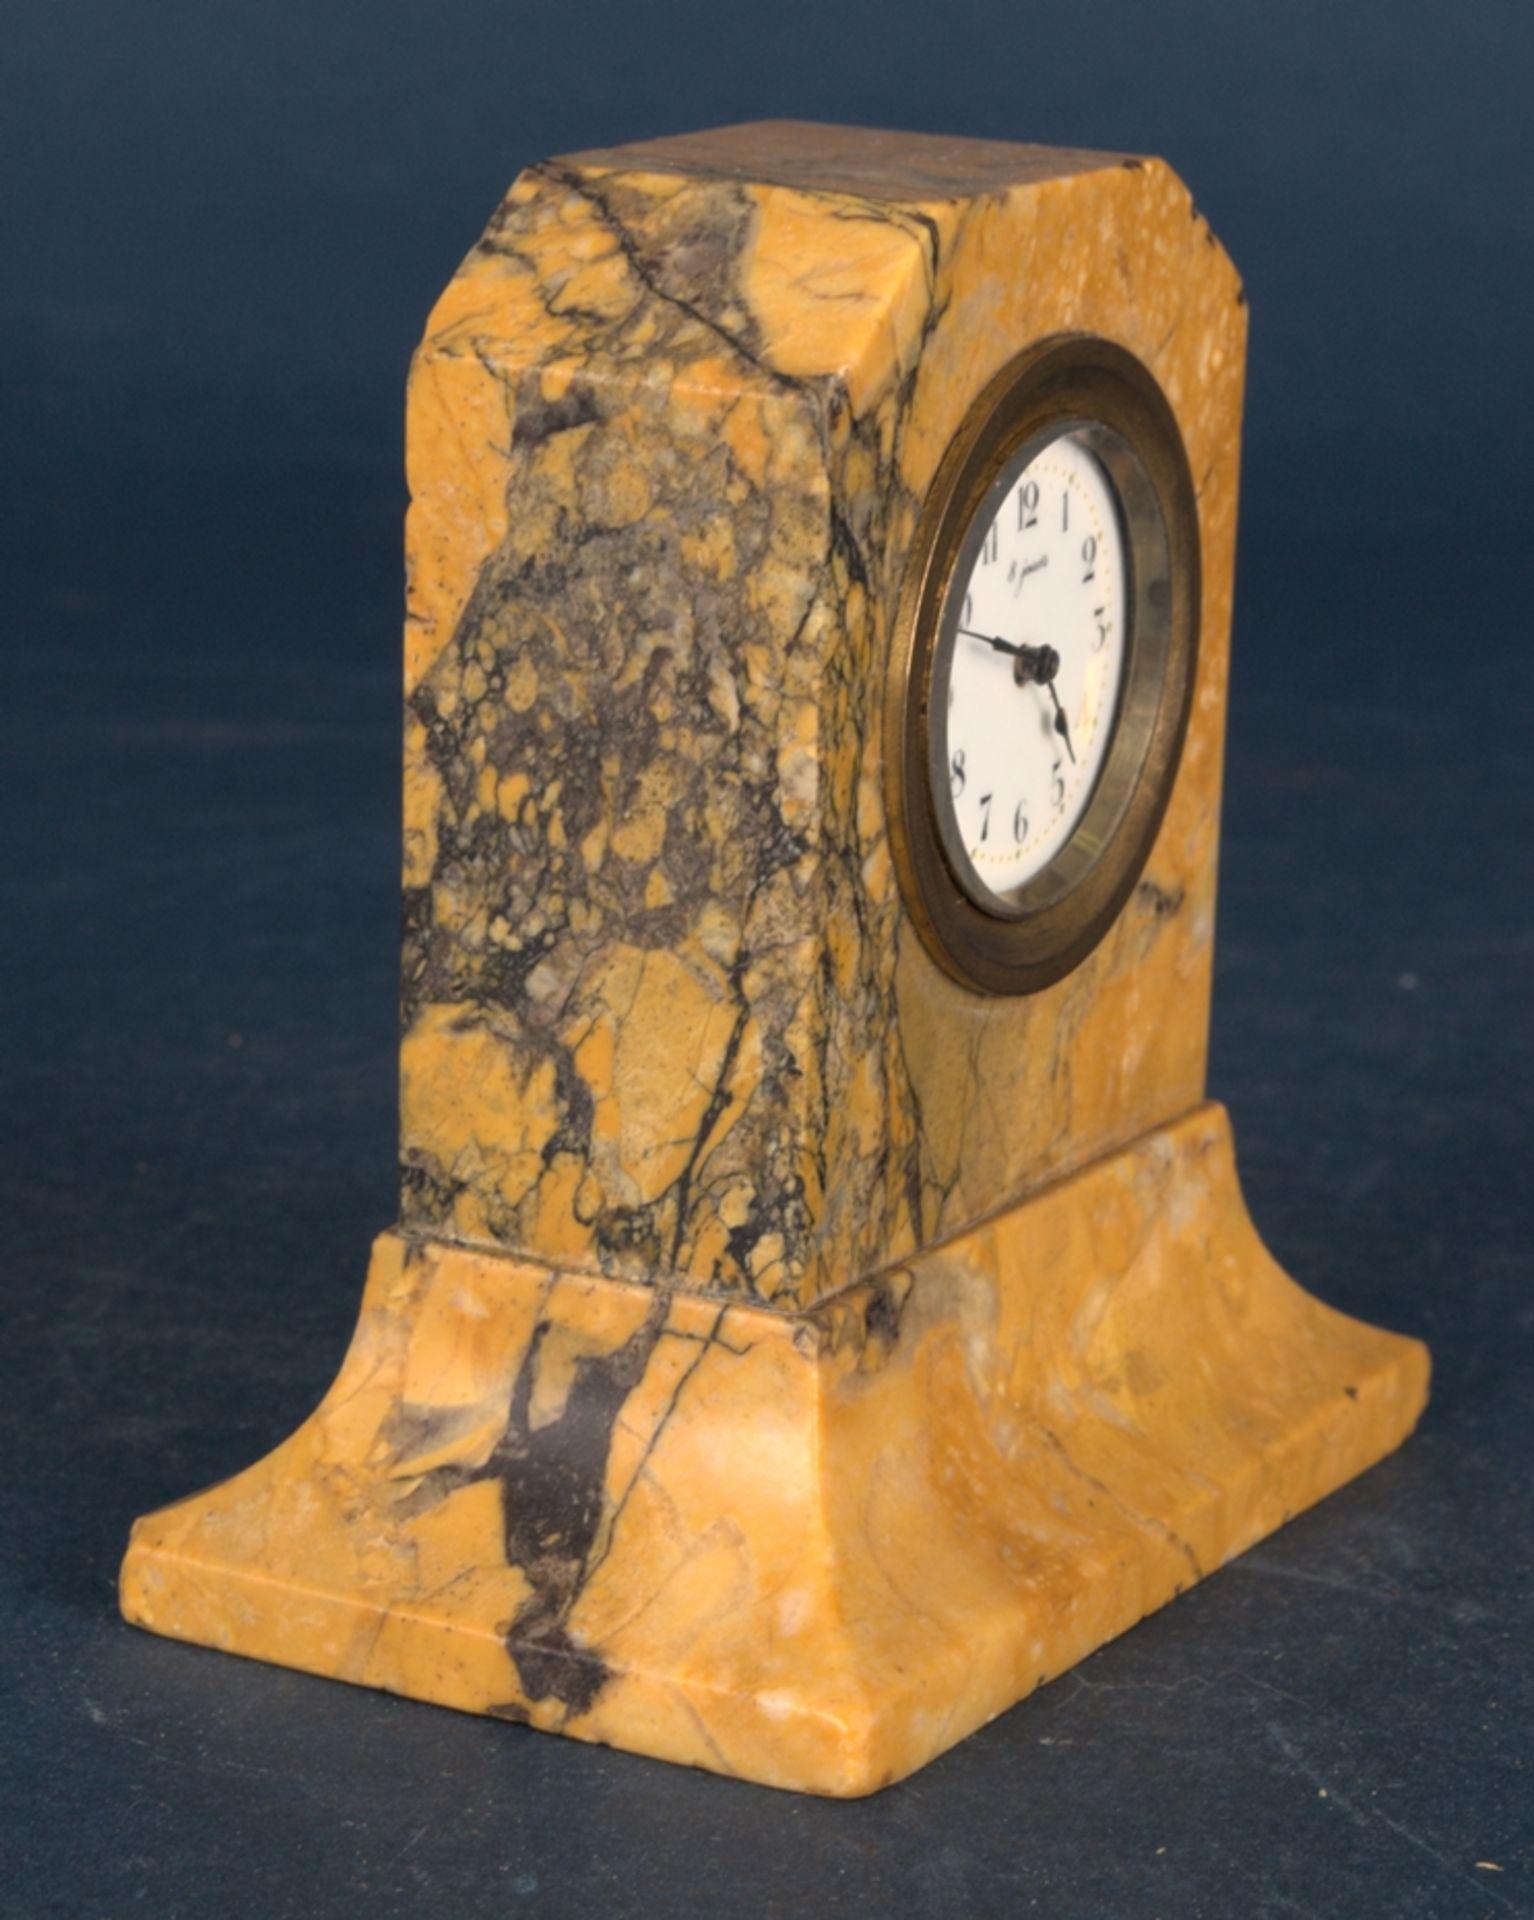 Kleine Tischuhr mit 8 Tagewerk in gelblich-braunem Granit- oder Marmorgehäuse. Höhe ca. 9 cm. Um - Bild 3 aus 8